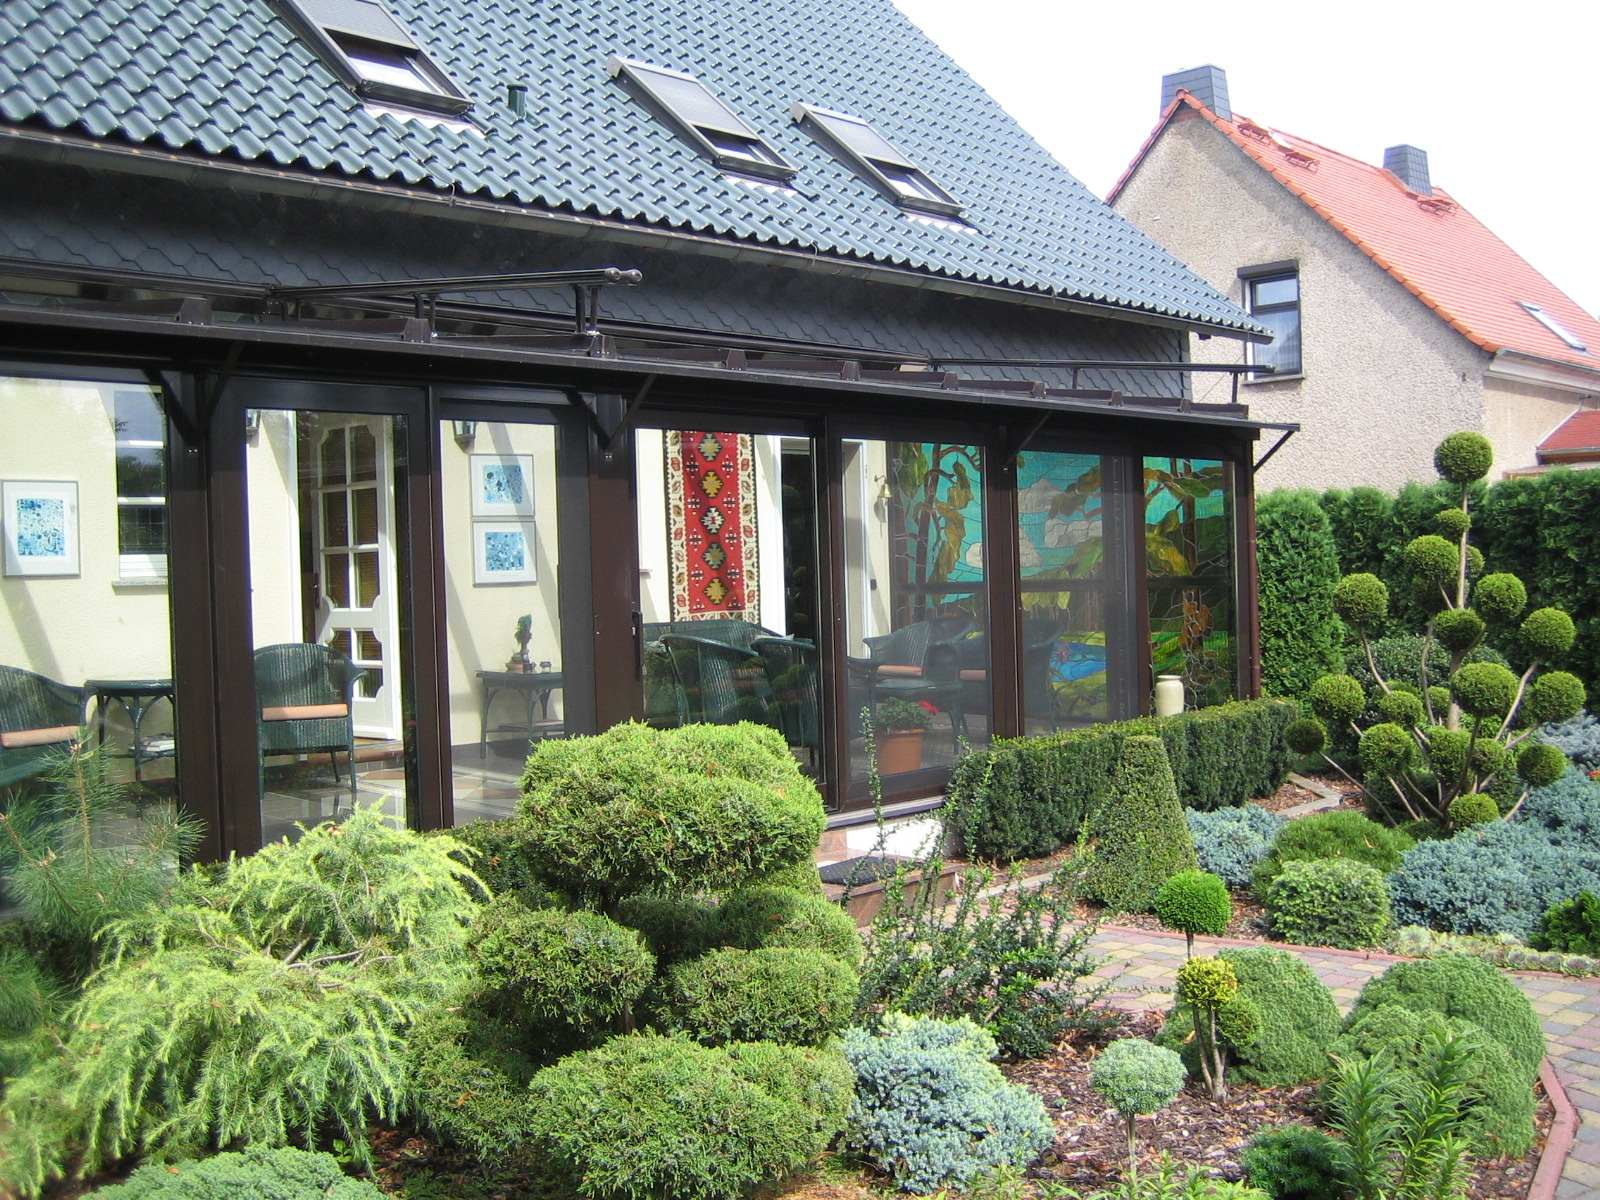 Wintergarten,Markise und Wärmepumpe